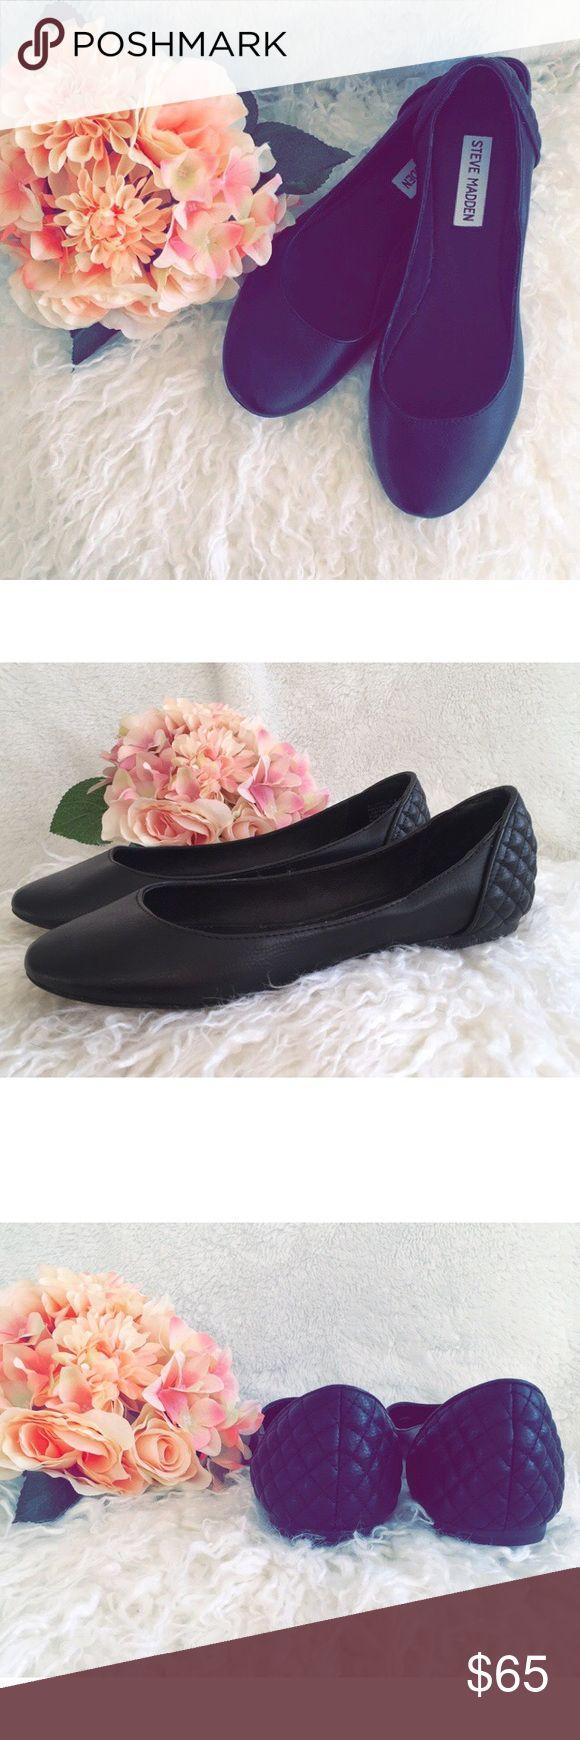 Steve Madden Flats in black Steve Madden Flats in black- New, never worn Steve Madden Shoes Flats & Loafers